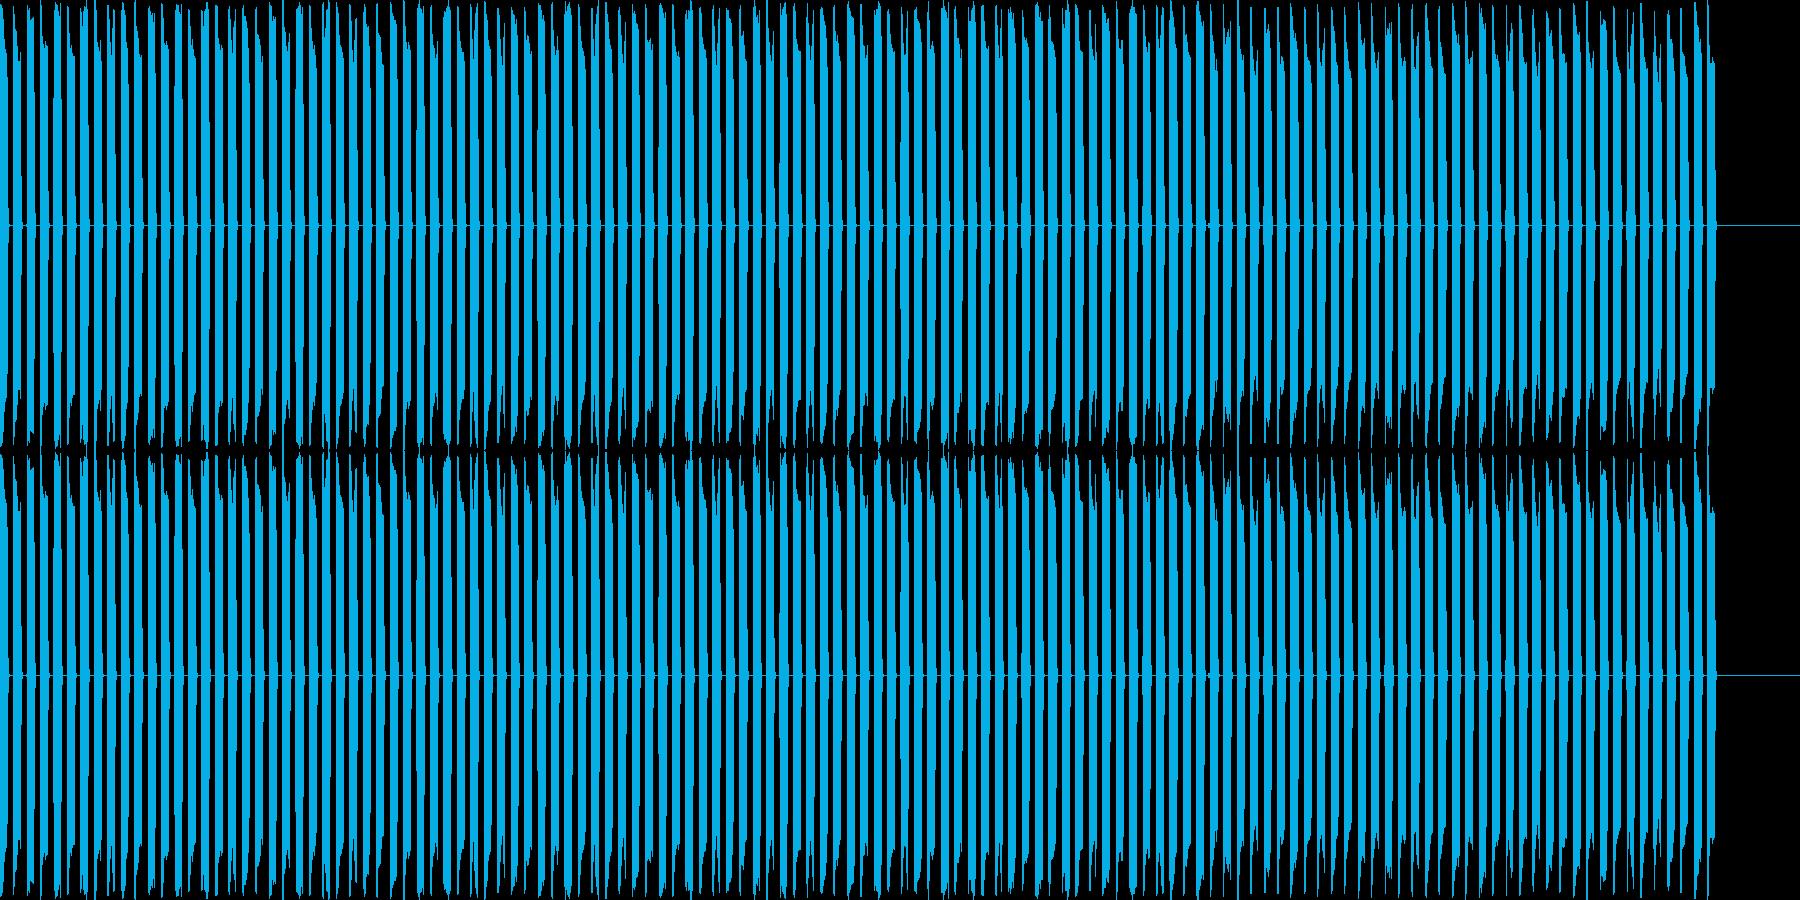 ピピピピピピピピ!(電子音、機械音)の再生済みの波形